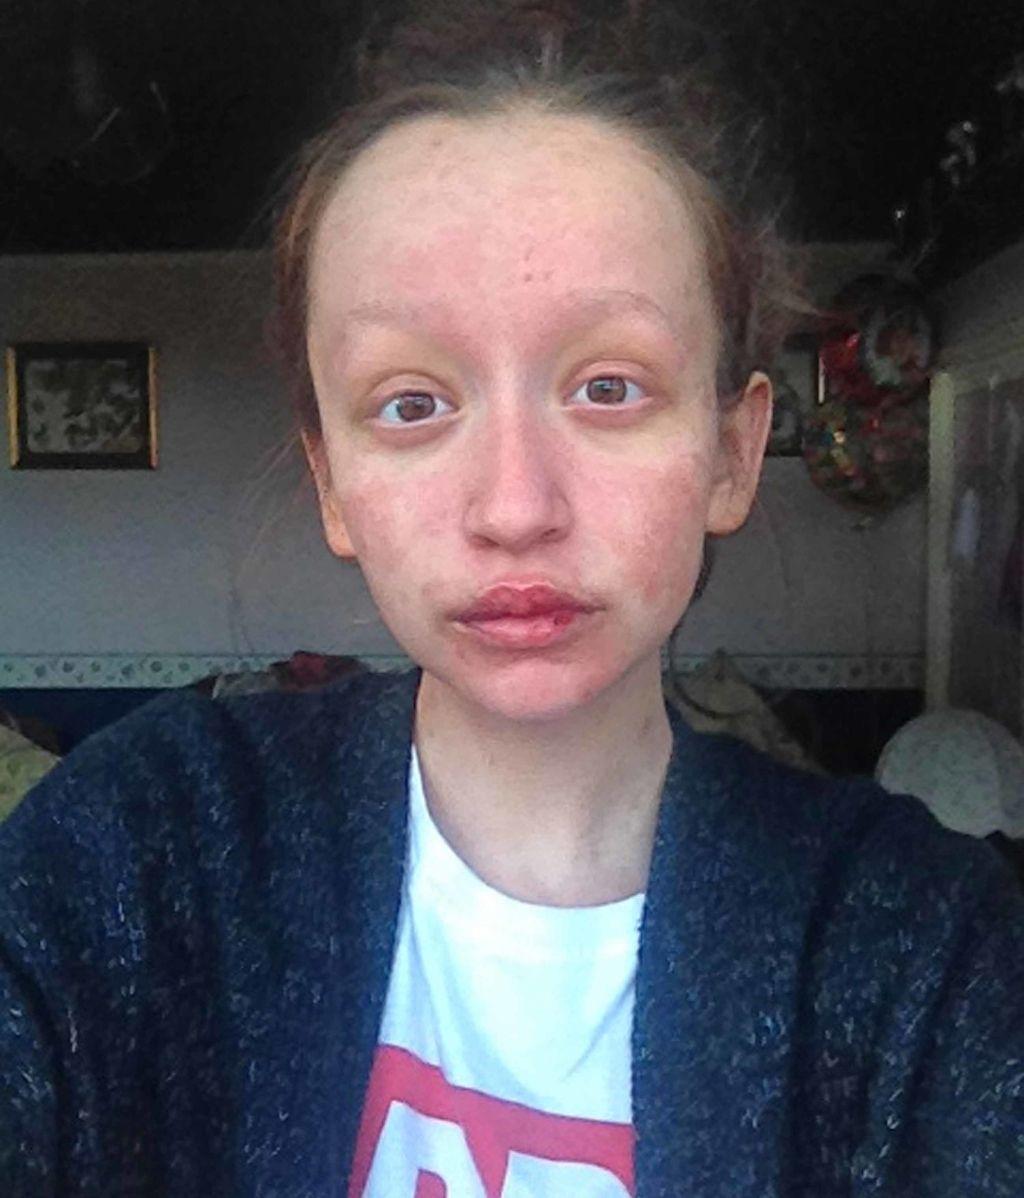 Luce su nueva cara después de que una extraña alergia se la destrozase